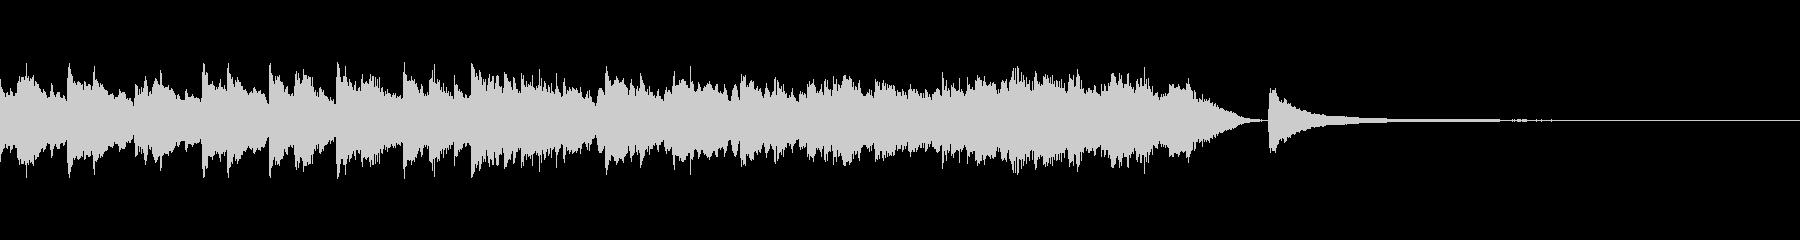 30秒企業PV爽やか生き生きとしたピアノの未再生の波形